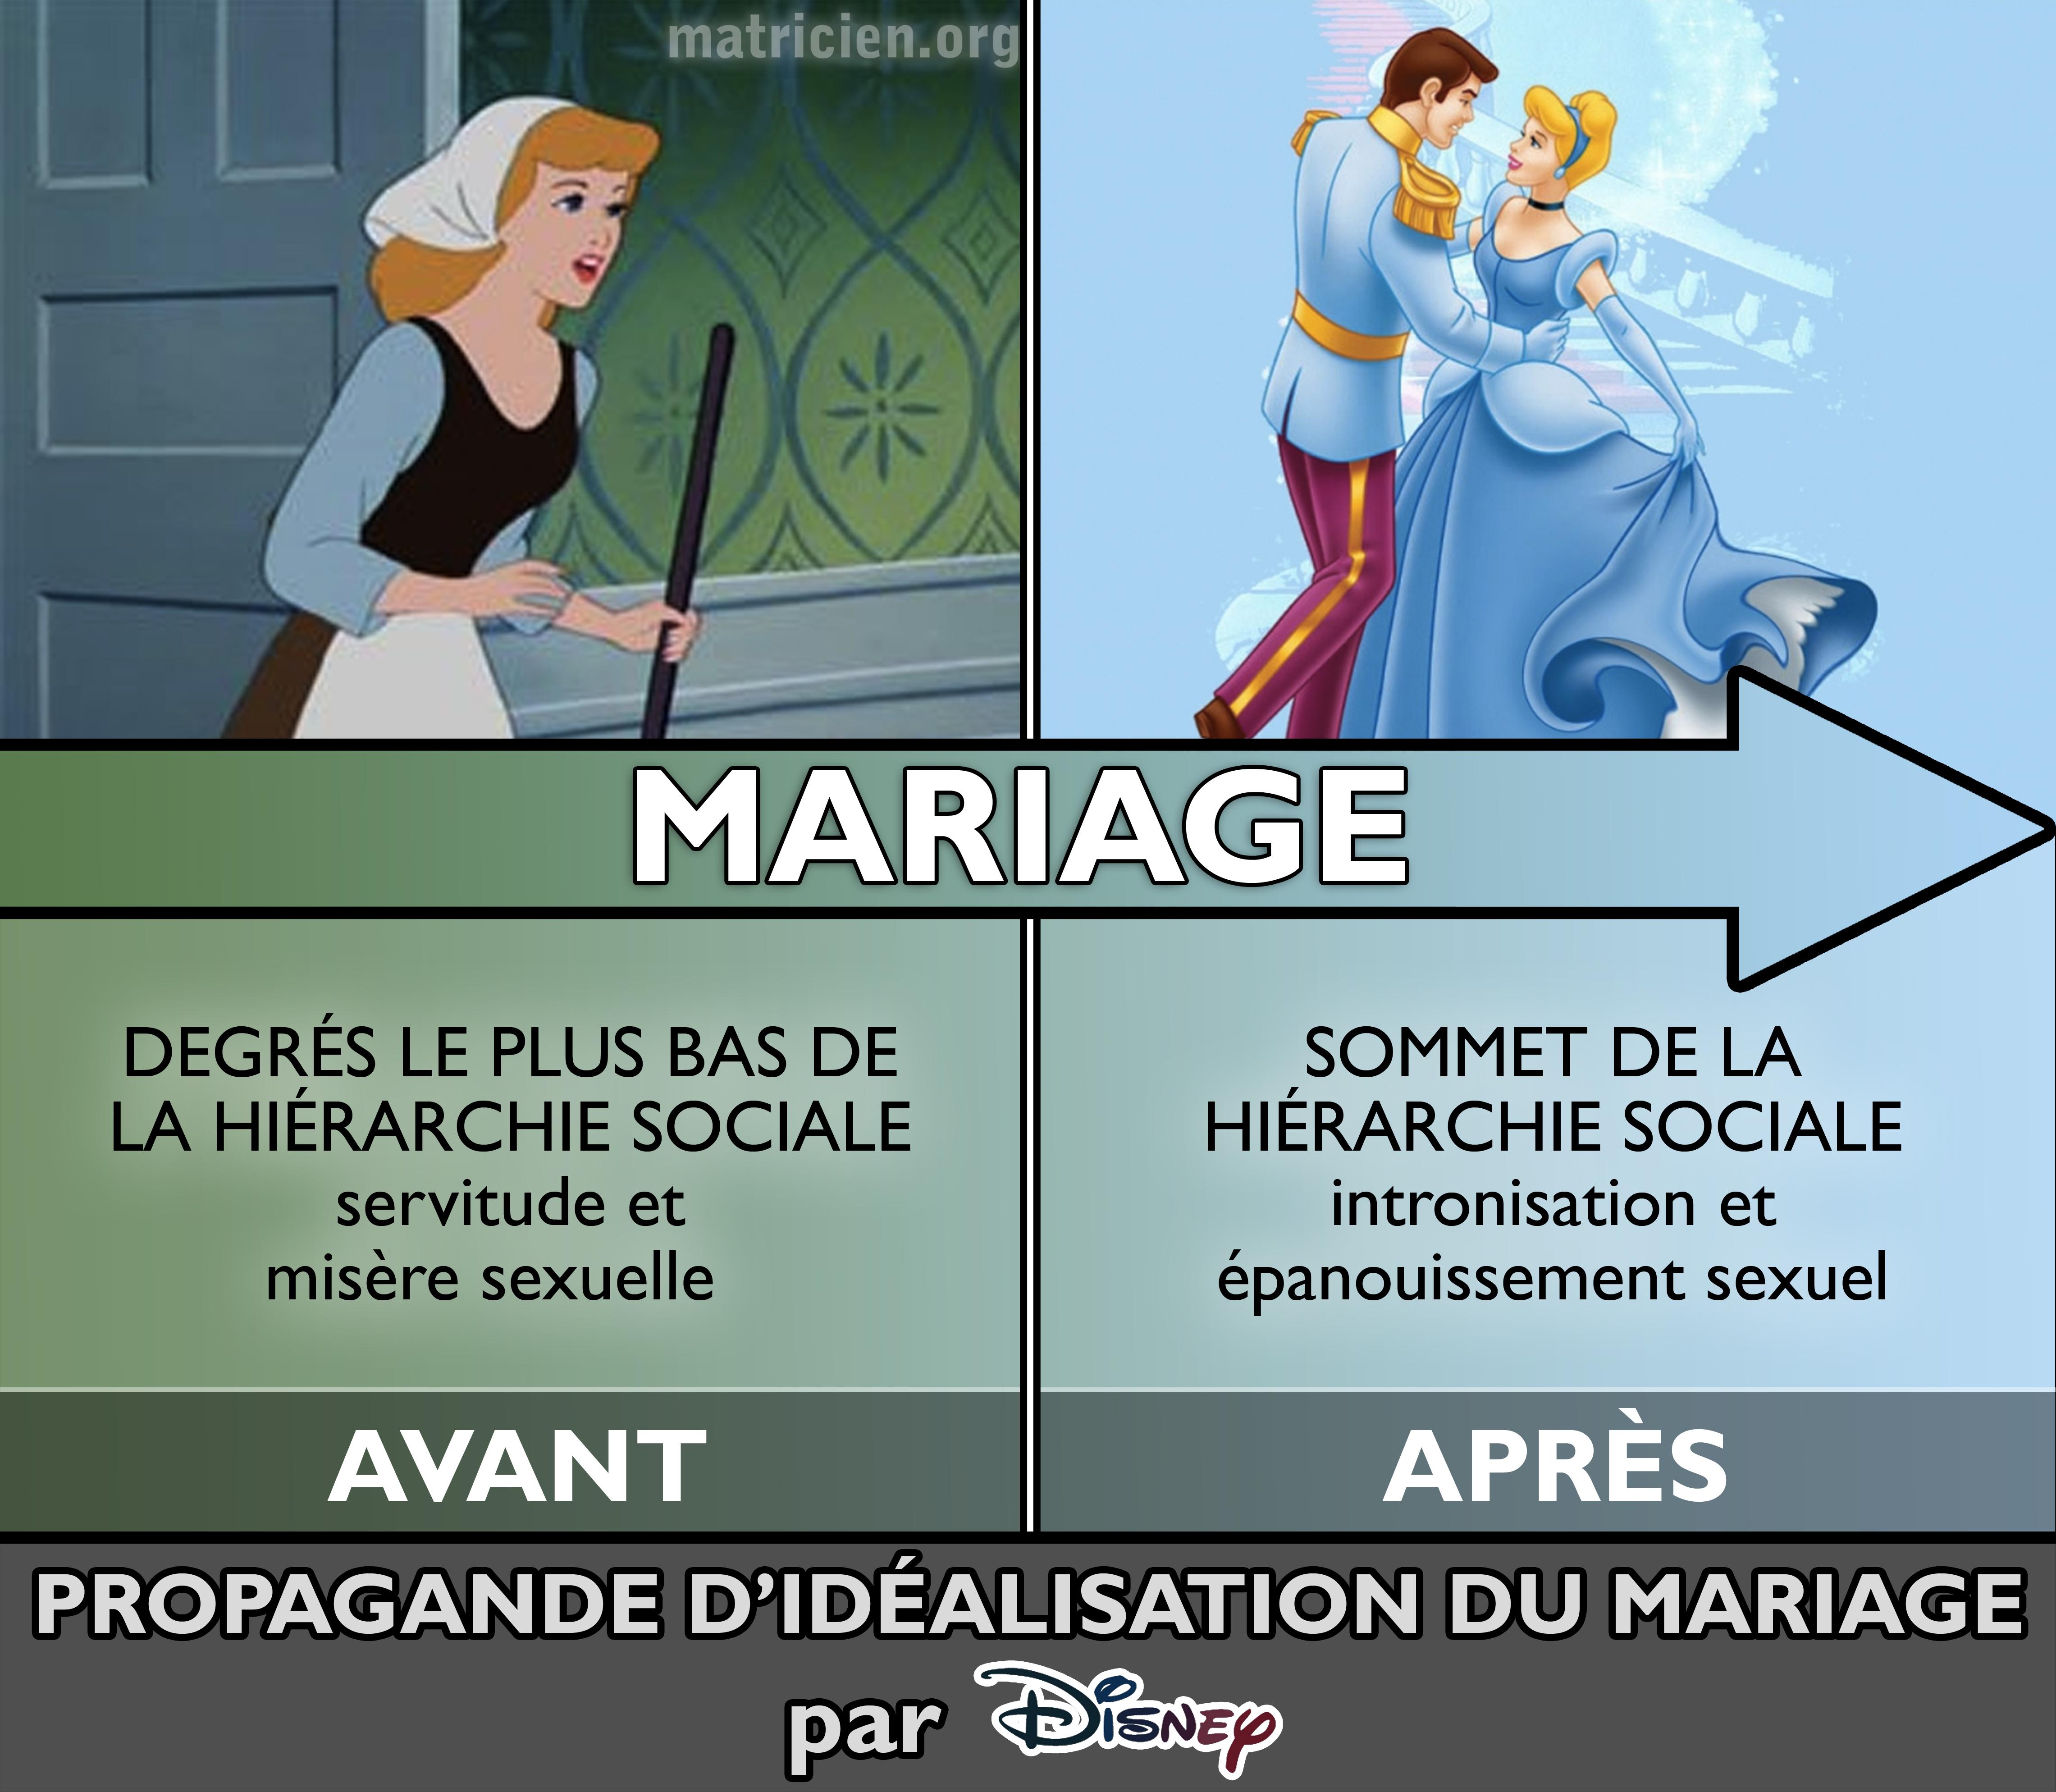 mariage prostitution sacre ou lascenseur social cendrillonesque - Reve De Mariage Signification Islam